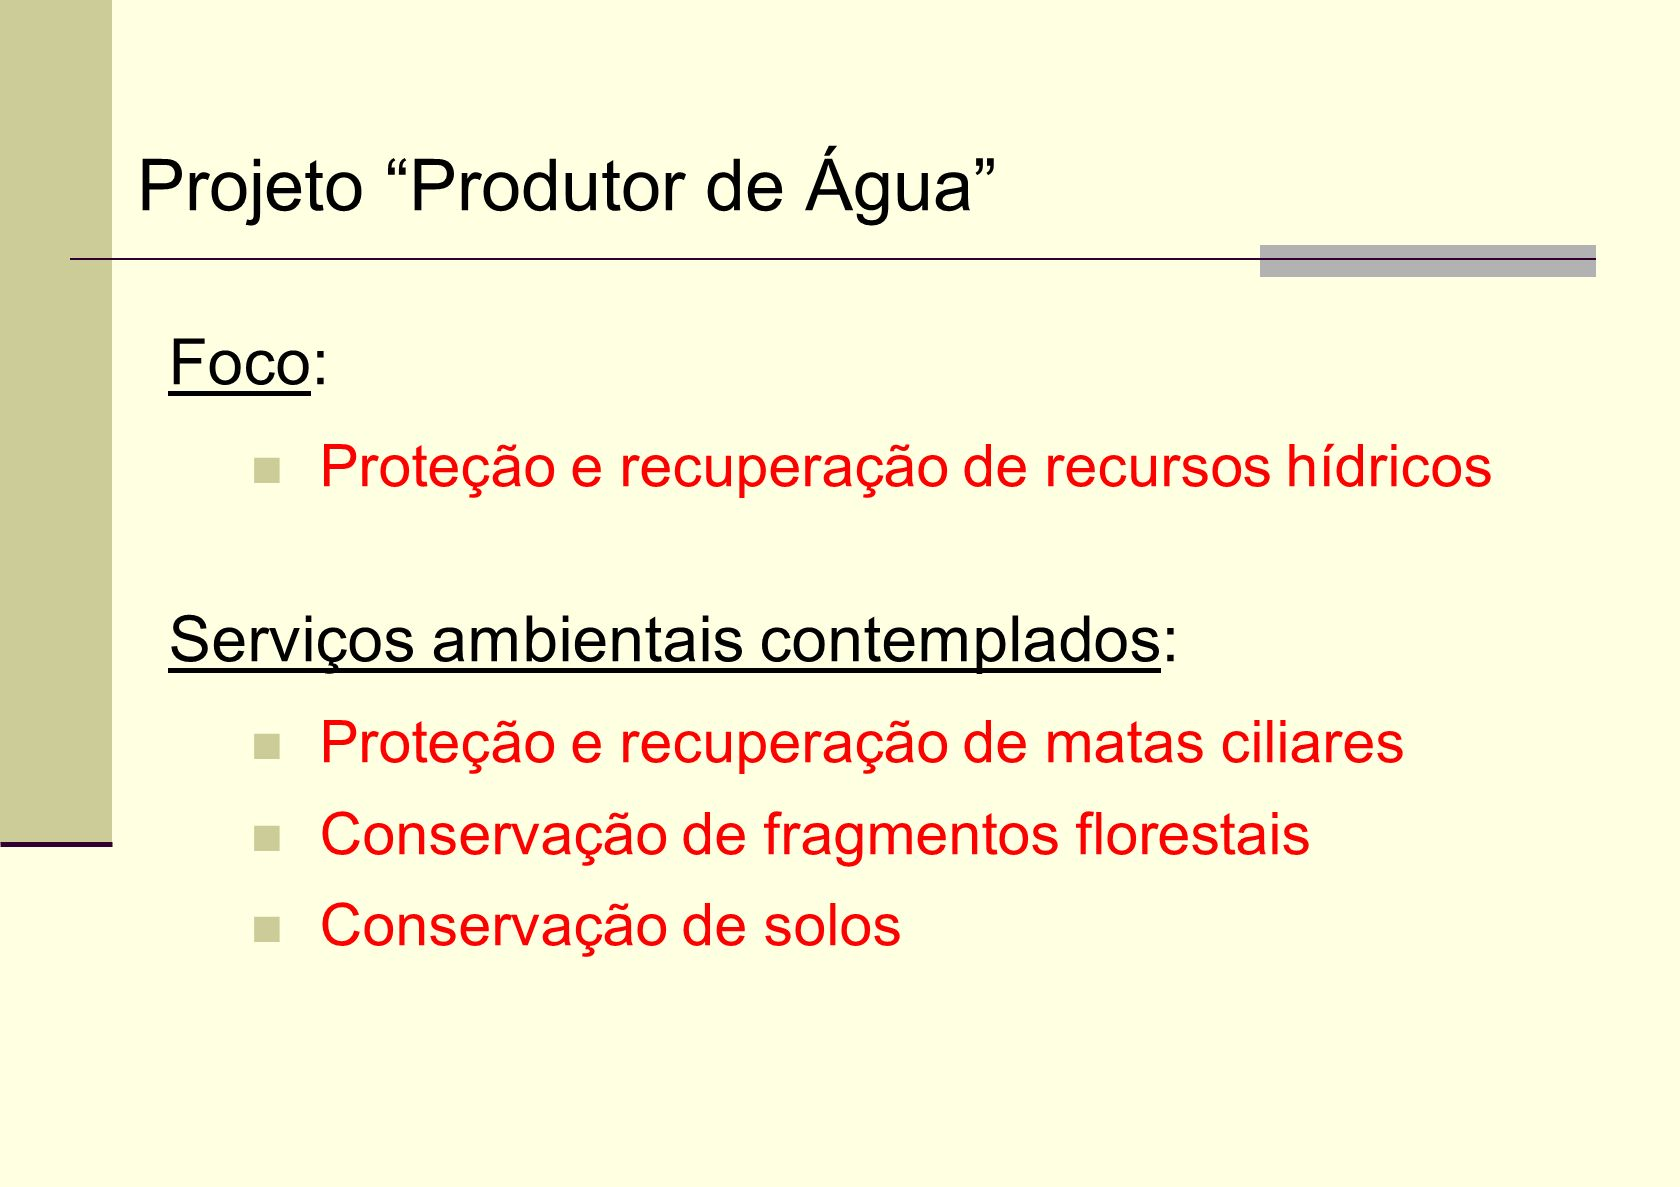 Foco: Proteção e recuperação de recursos hídricos Serviços ambientais contemplados: Proteção e recuperação de matas ciliares Conservação de fragmentos